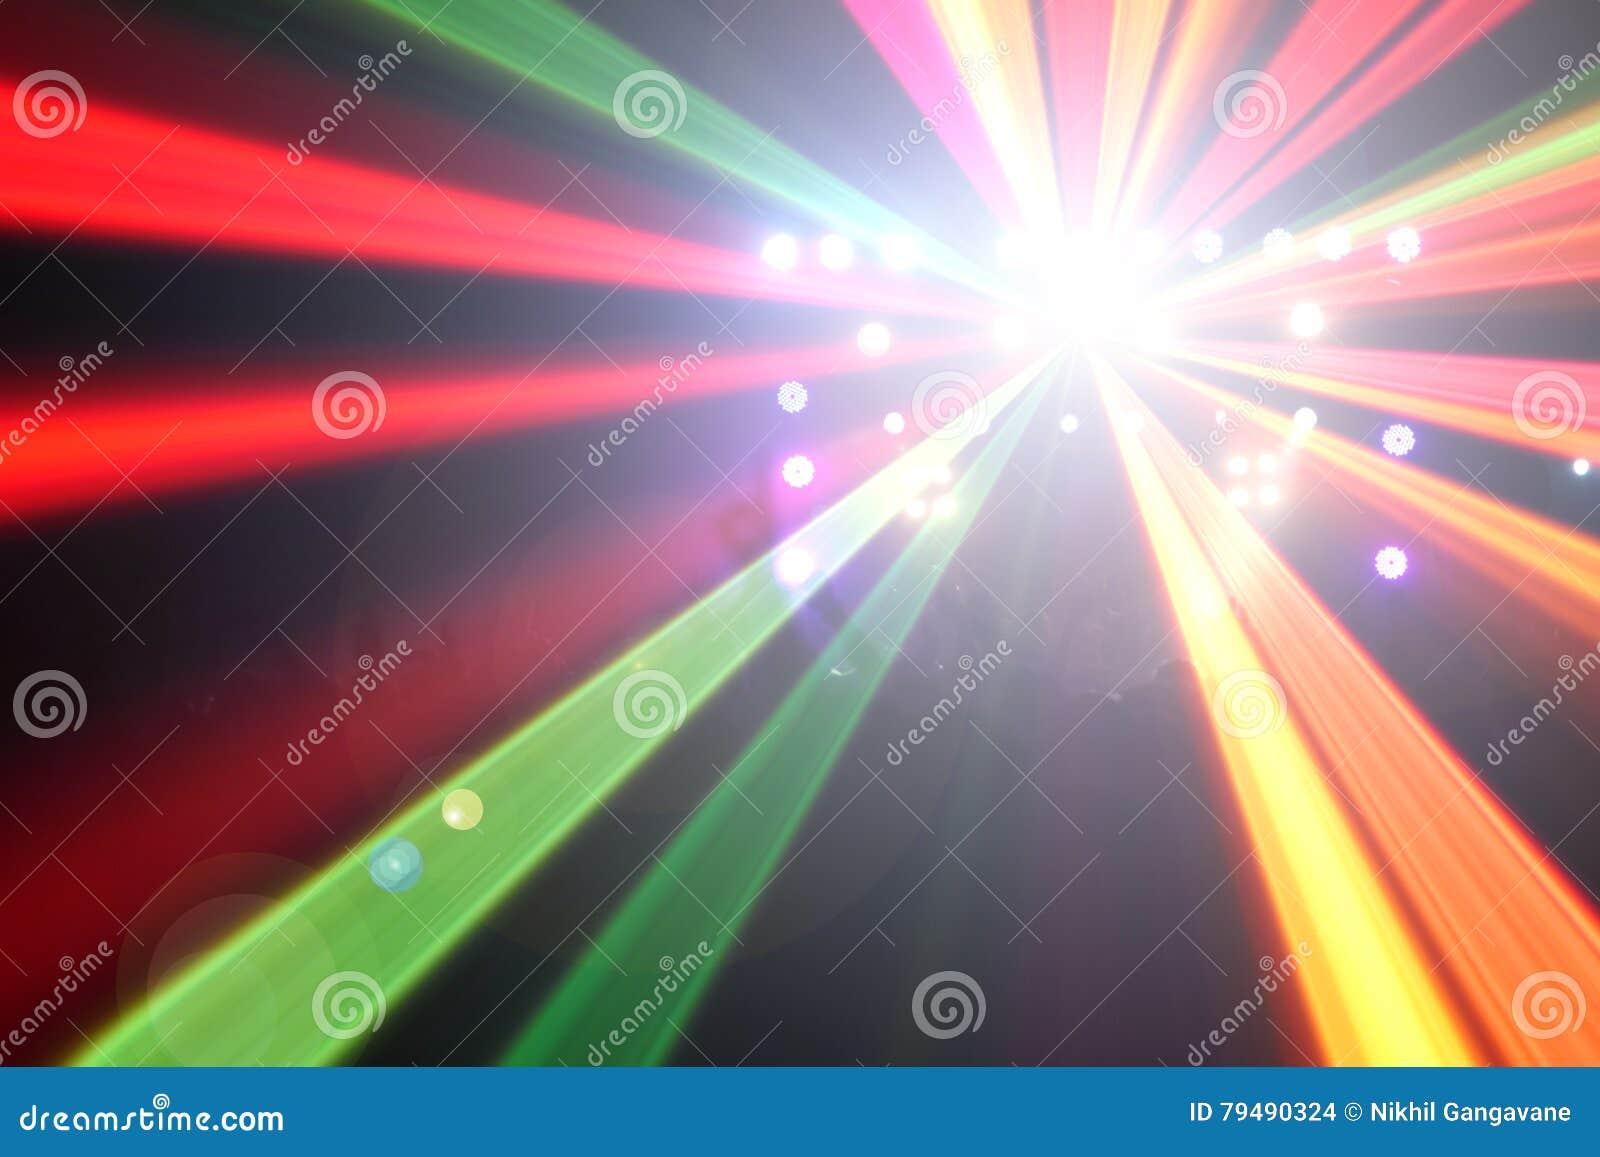 Световые эффекты концерта